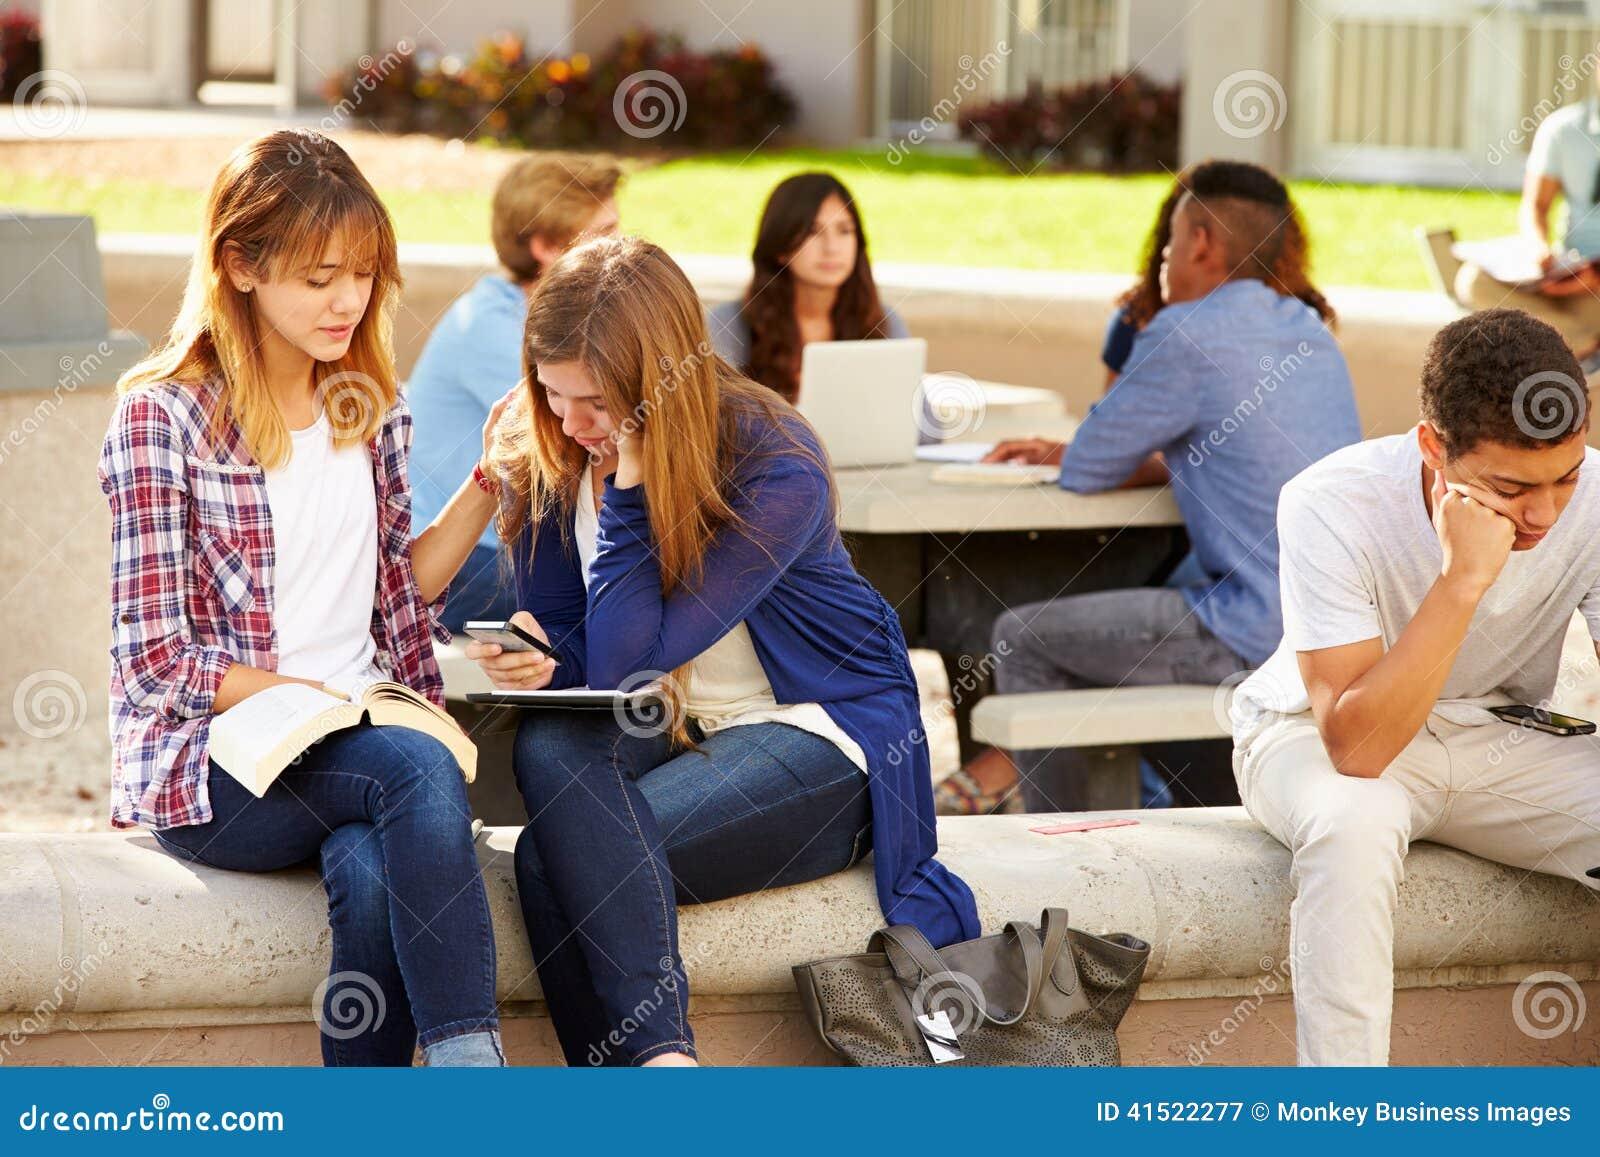 安慰不快乐的朋友的女性高中学生